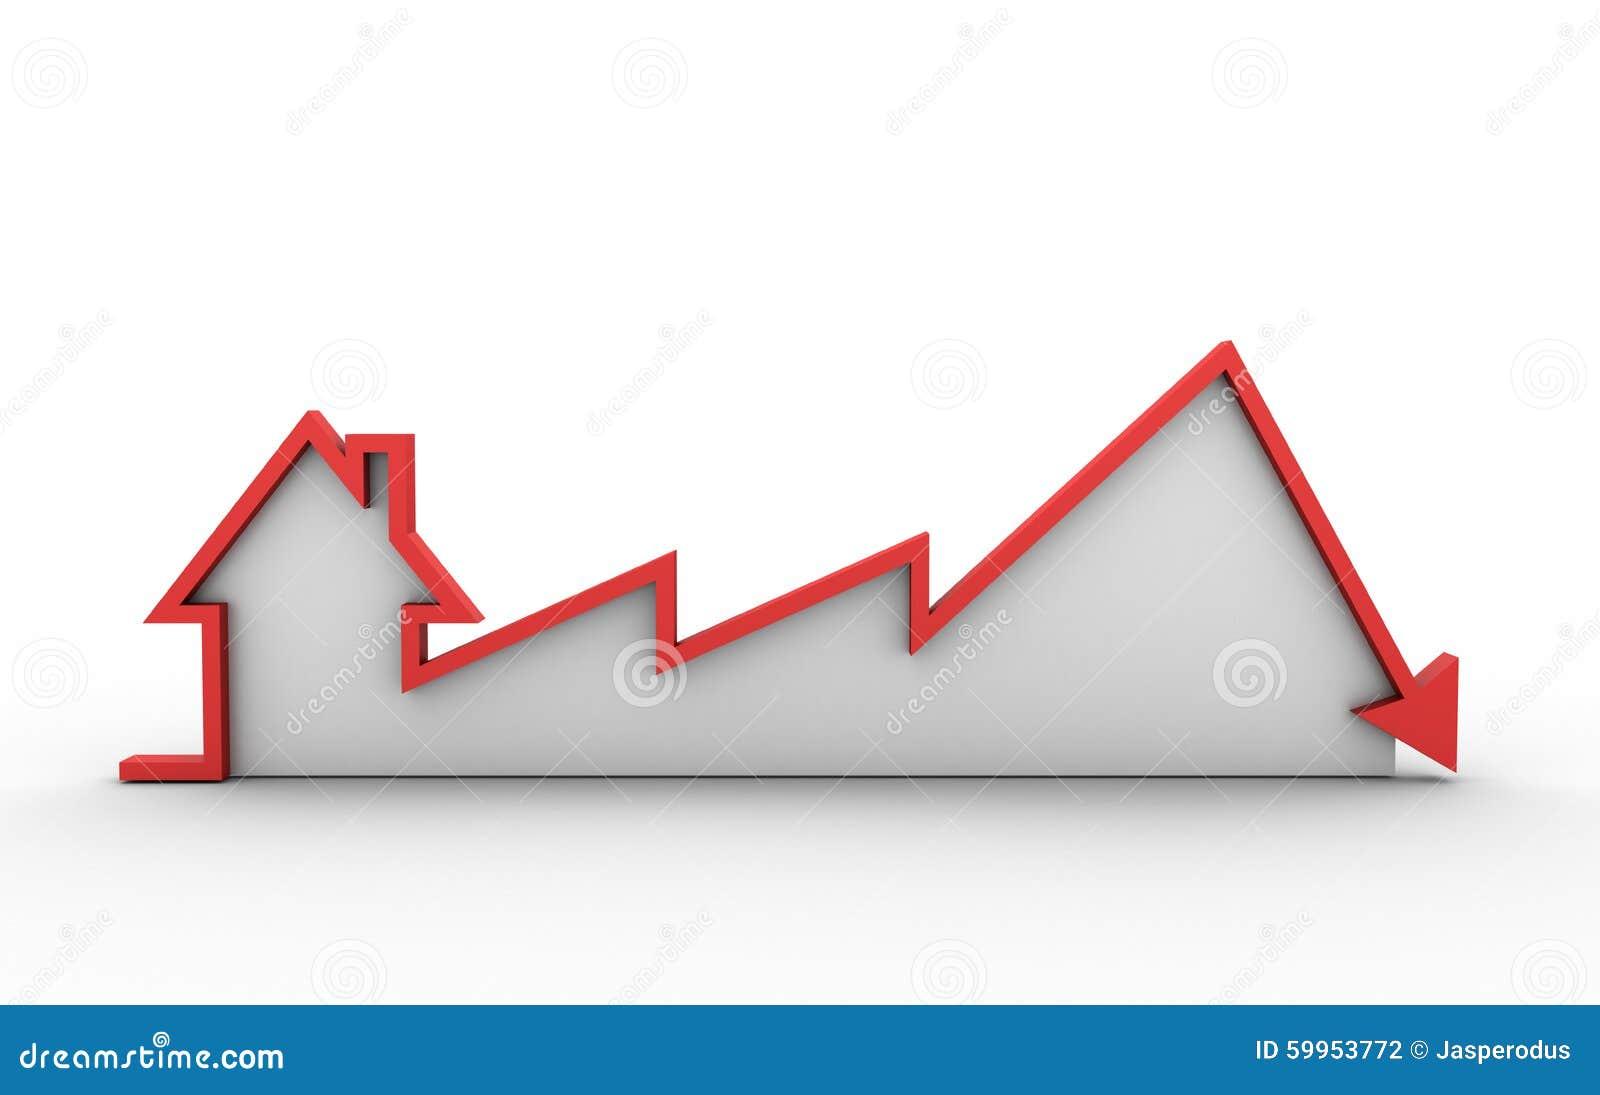 Διάγραμμα ακίνητων περιουσιών